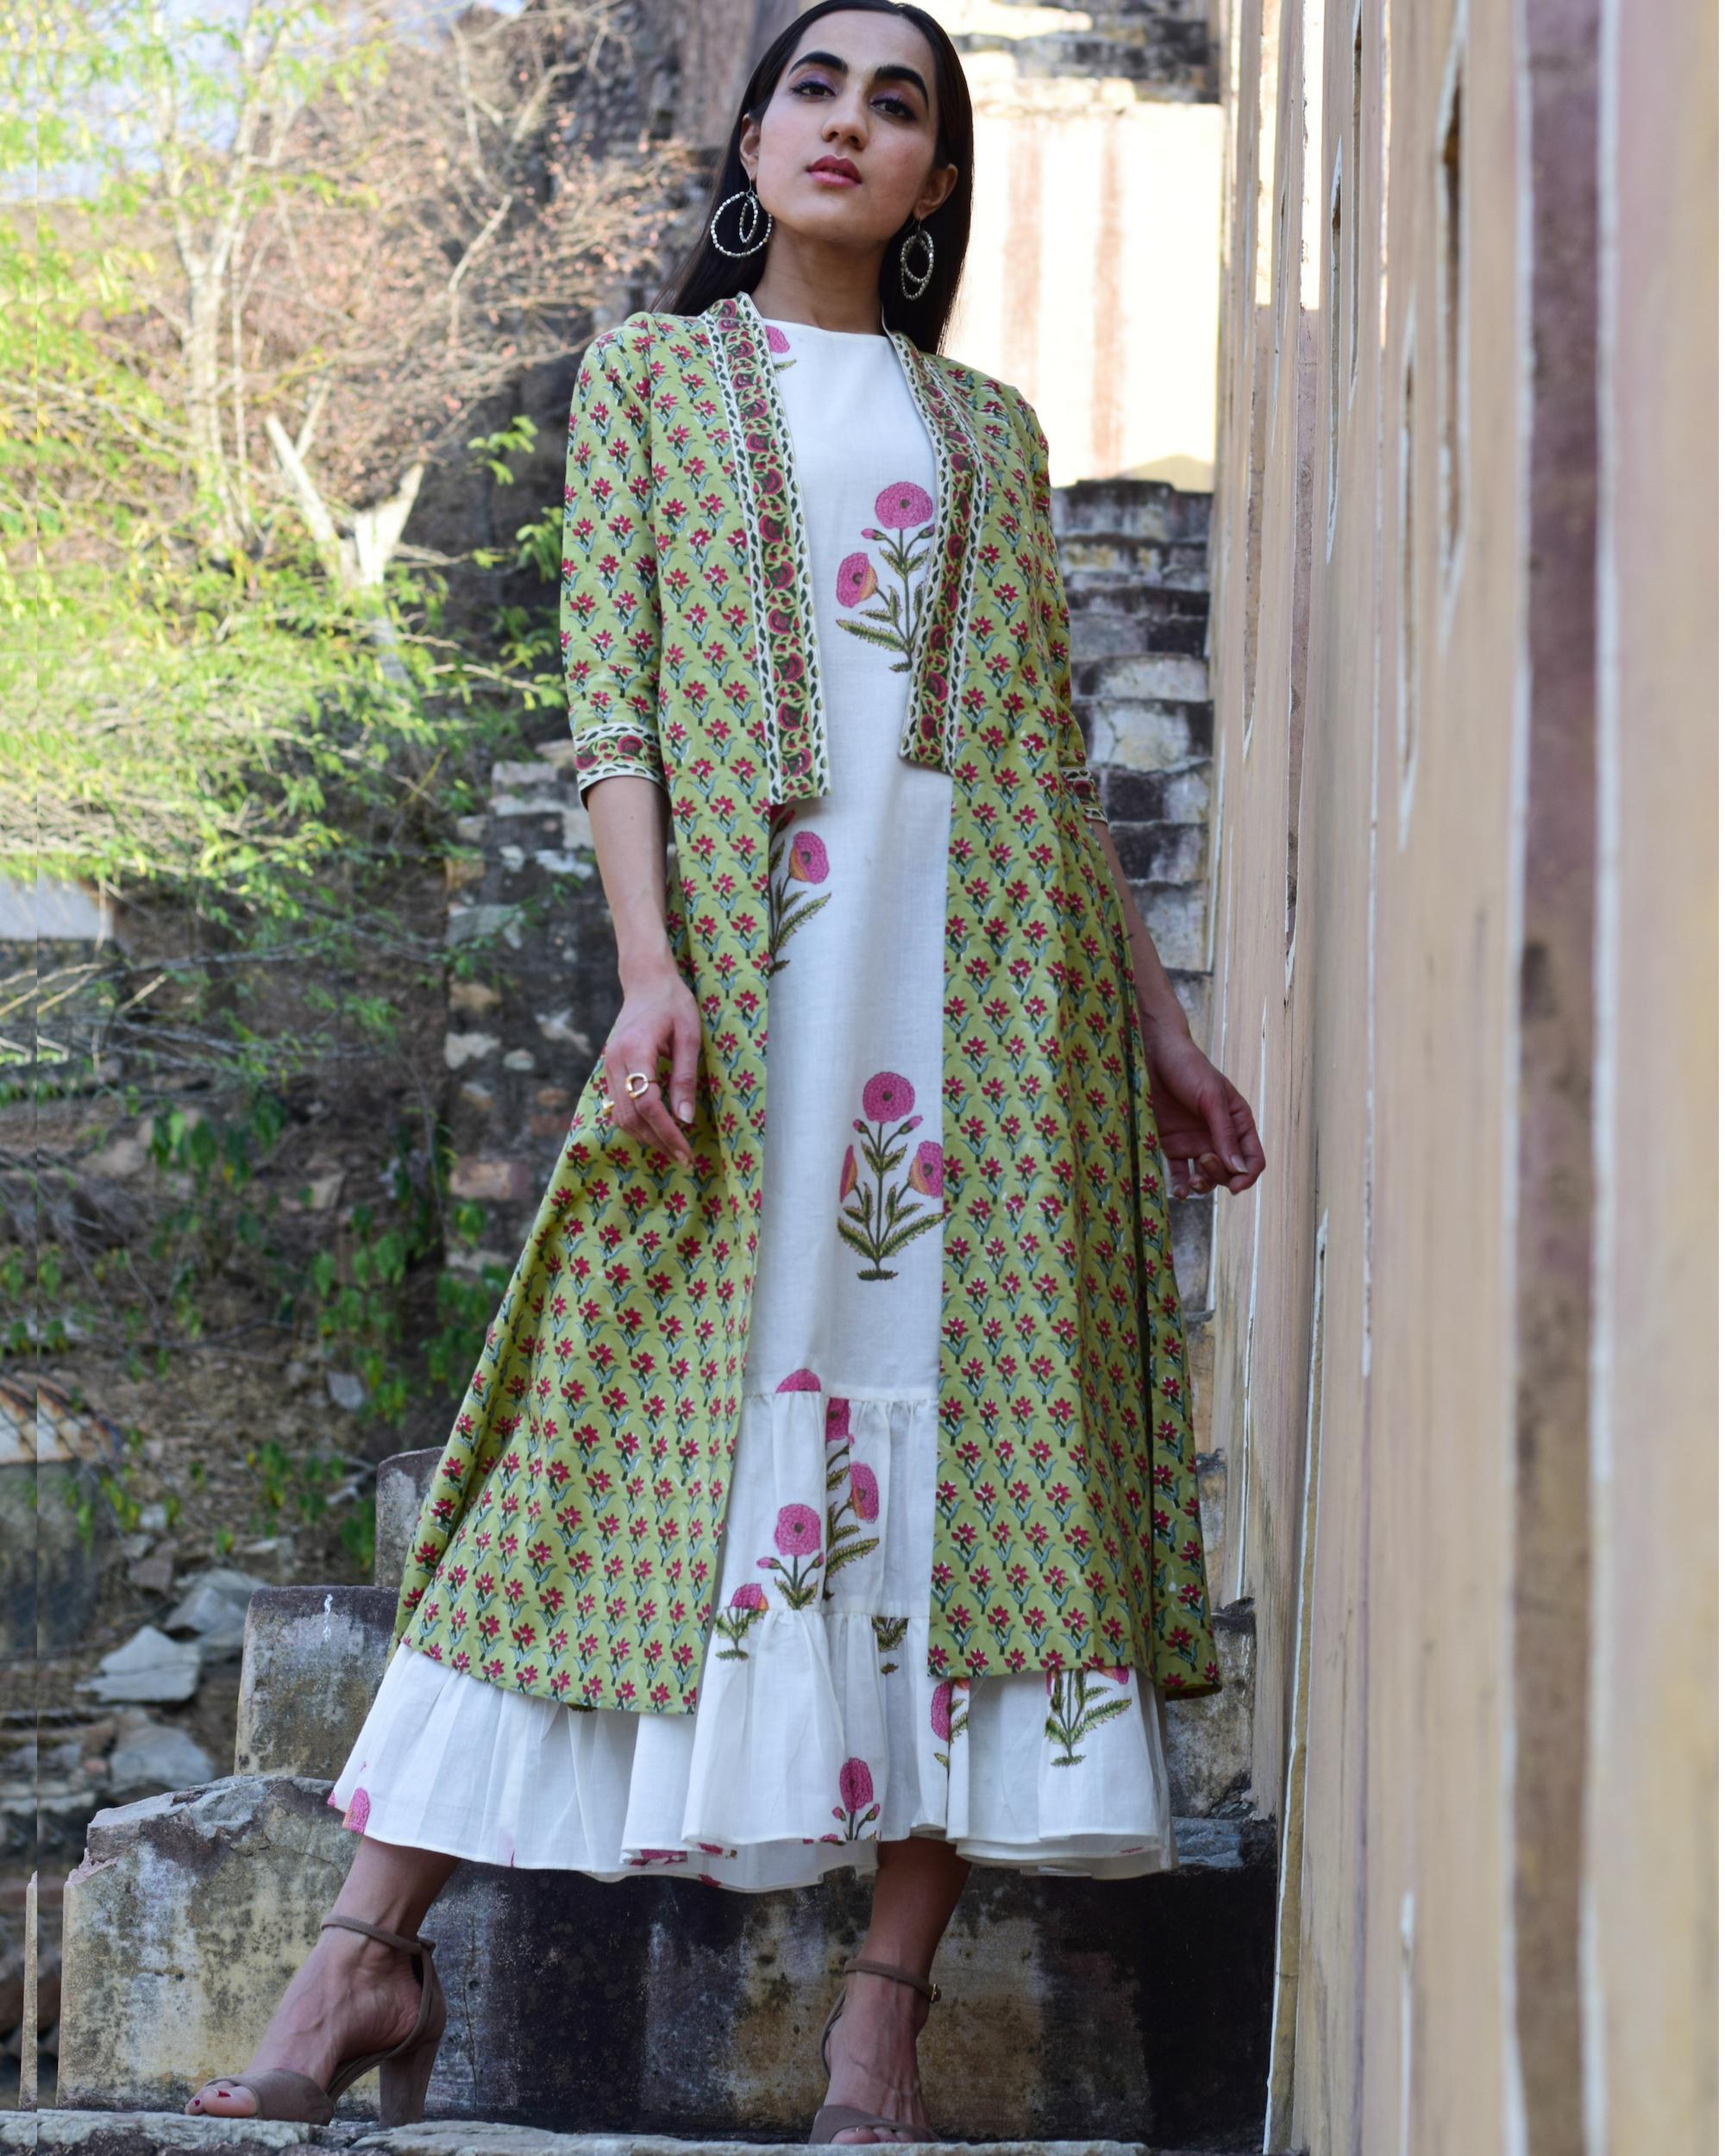 Floral blocked printed jacket dress